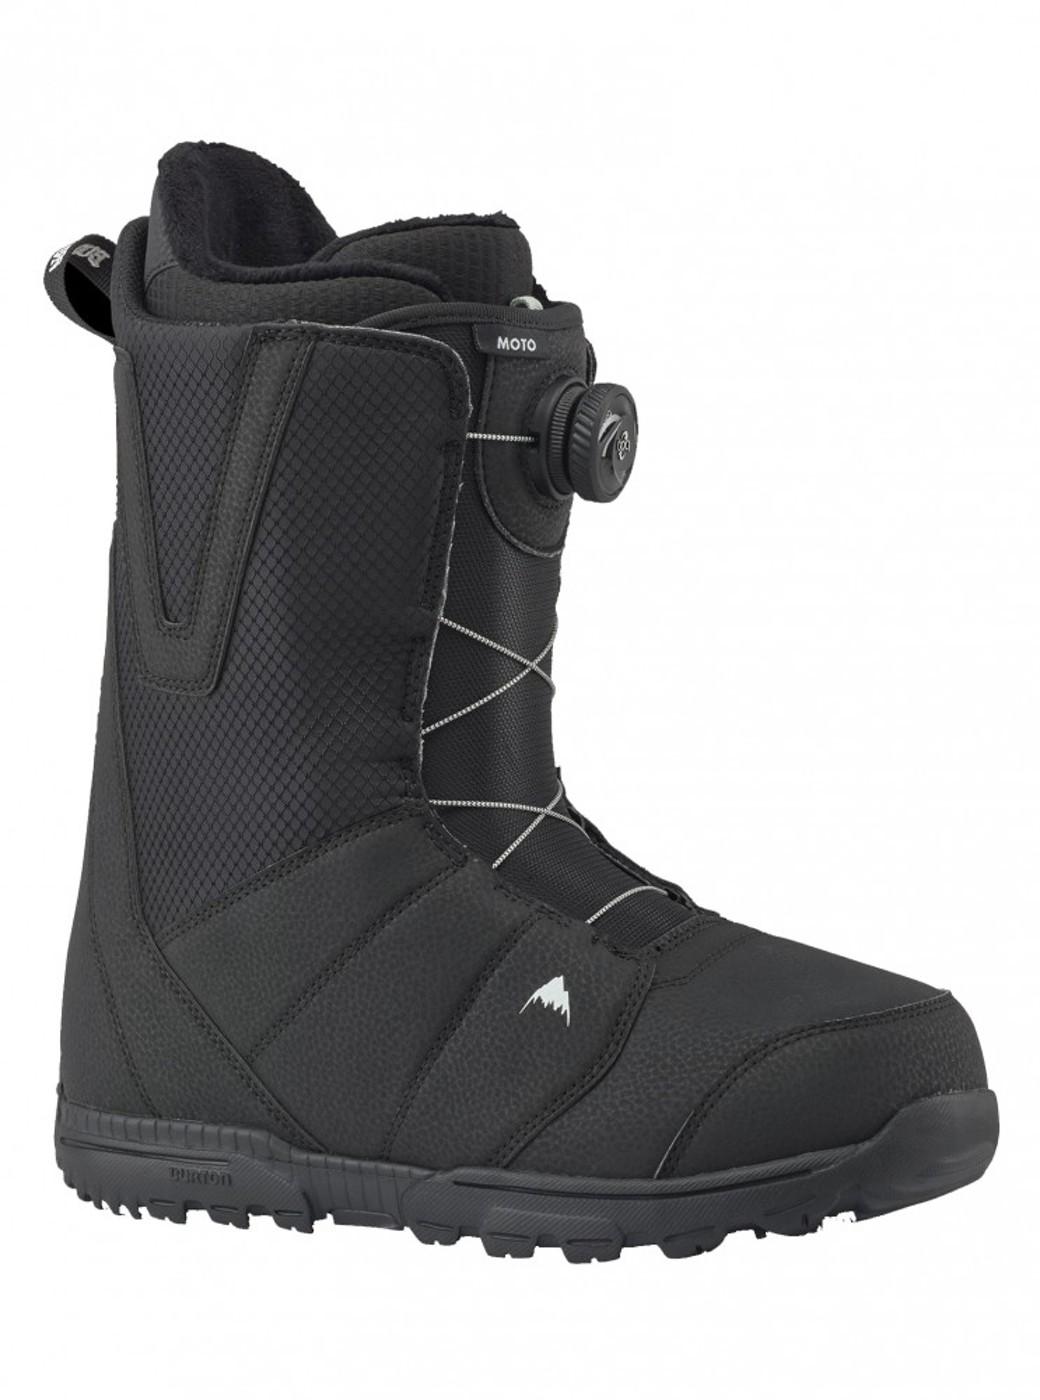 BURTON Snowboard-Boot MOTO BOA - Herren